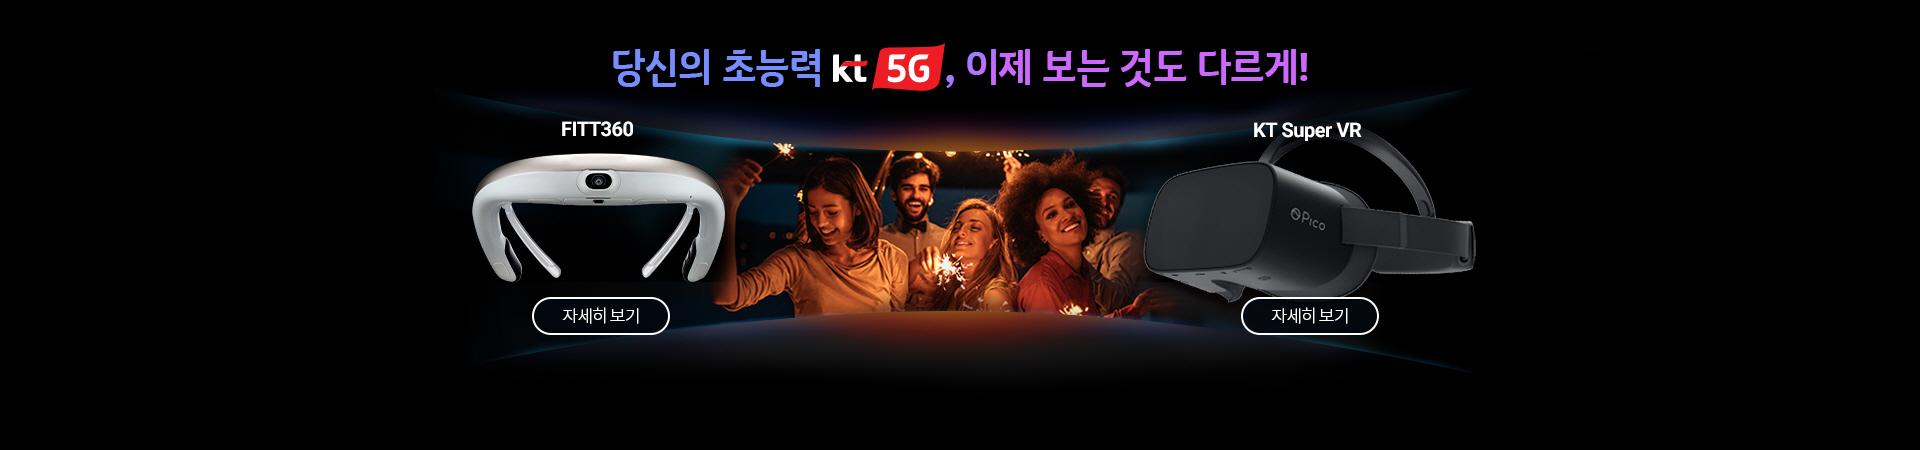 당신의 초능력 kt 5G, 이제 보는 것도 다르게!